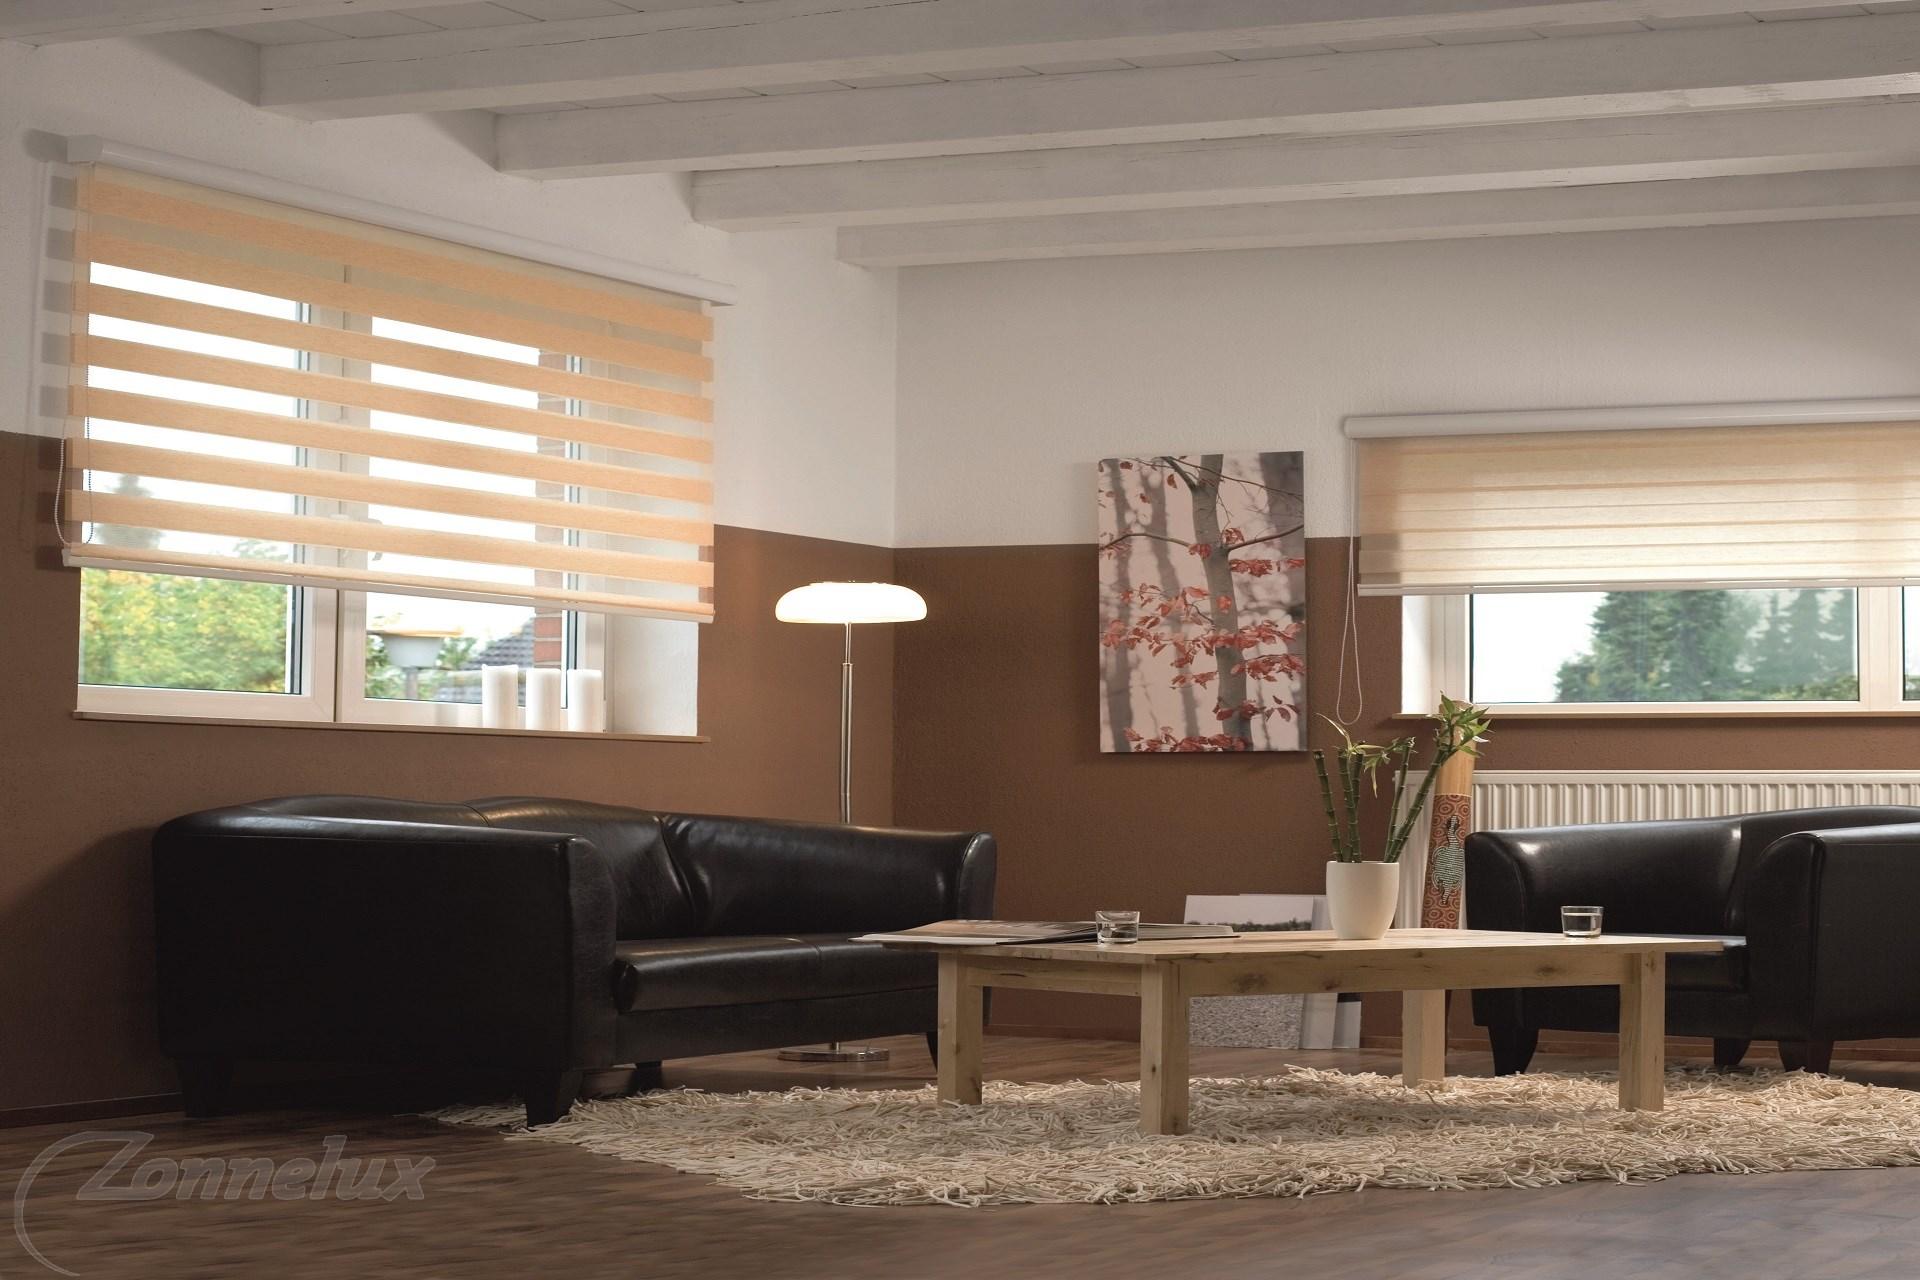 Decoratie woonkamer 2015 19 images tv meubel op maat prijs advies tv kast voorbeelden - Decoratie woonkamer ...